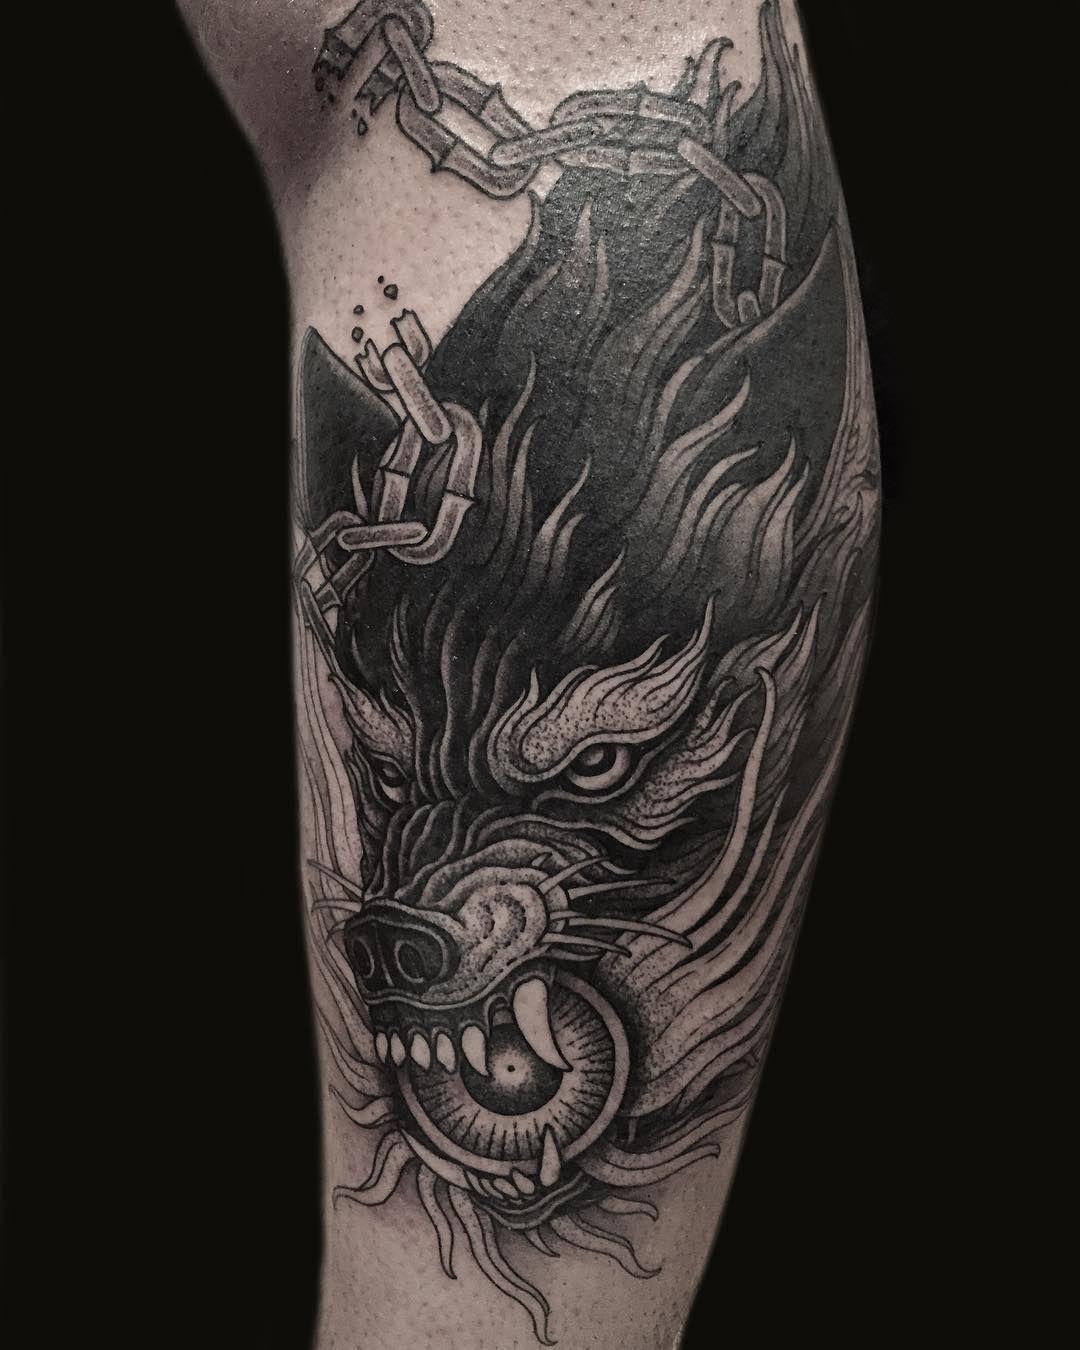 b8f18c5eb 40 Best Wolf Head Tattoo Designs and Ideas (2019)   Tattoo Ideas ...